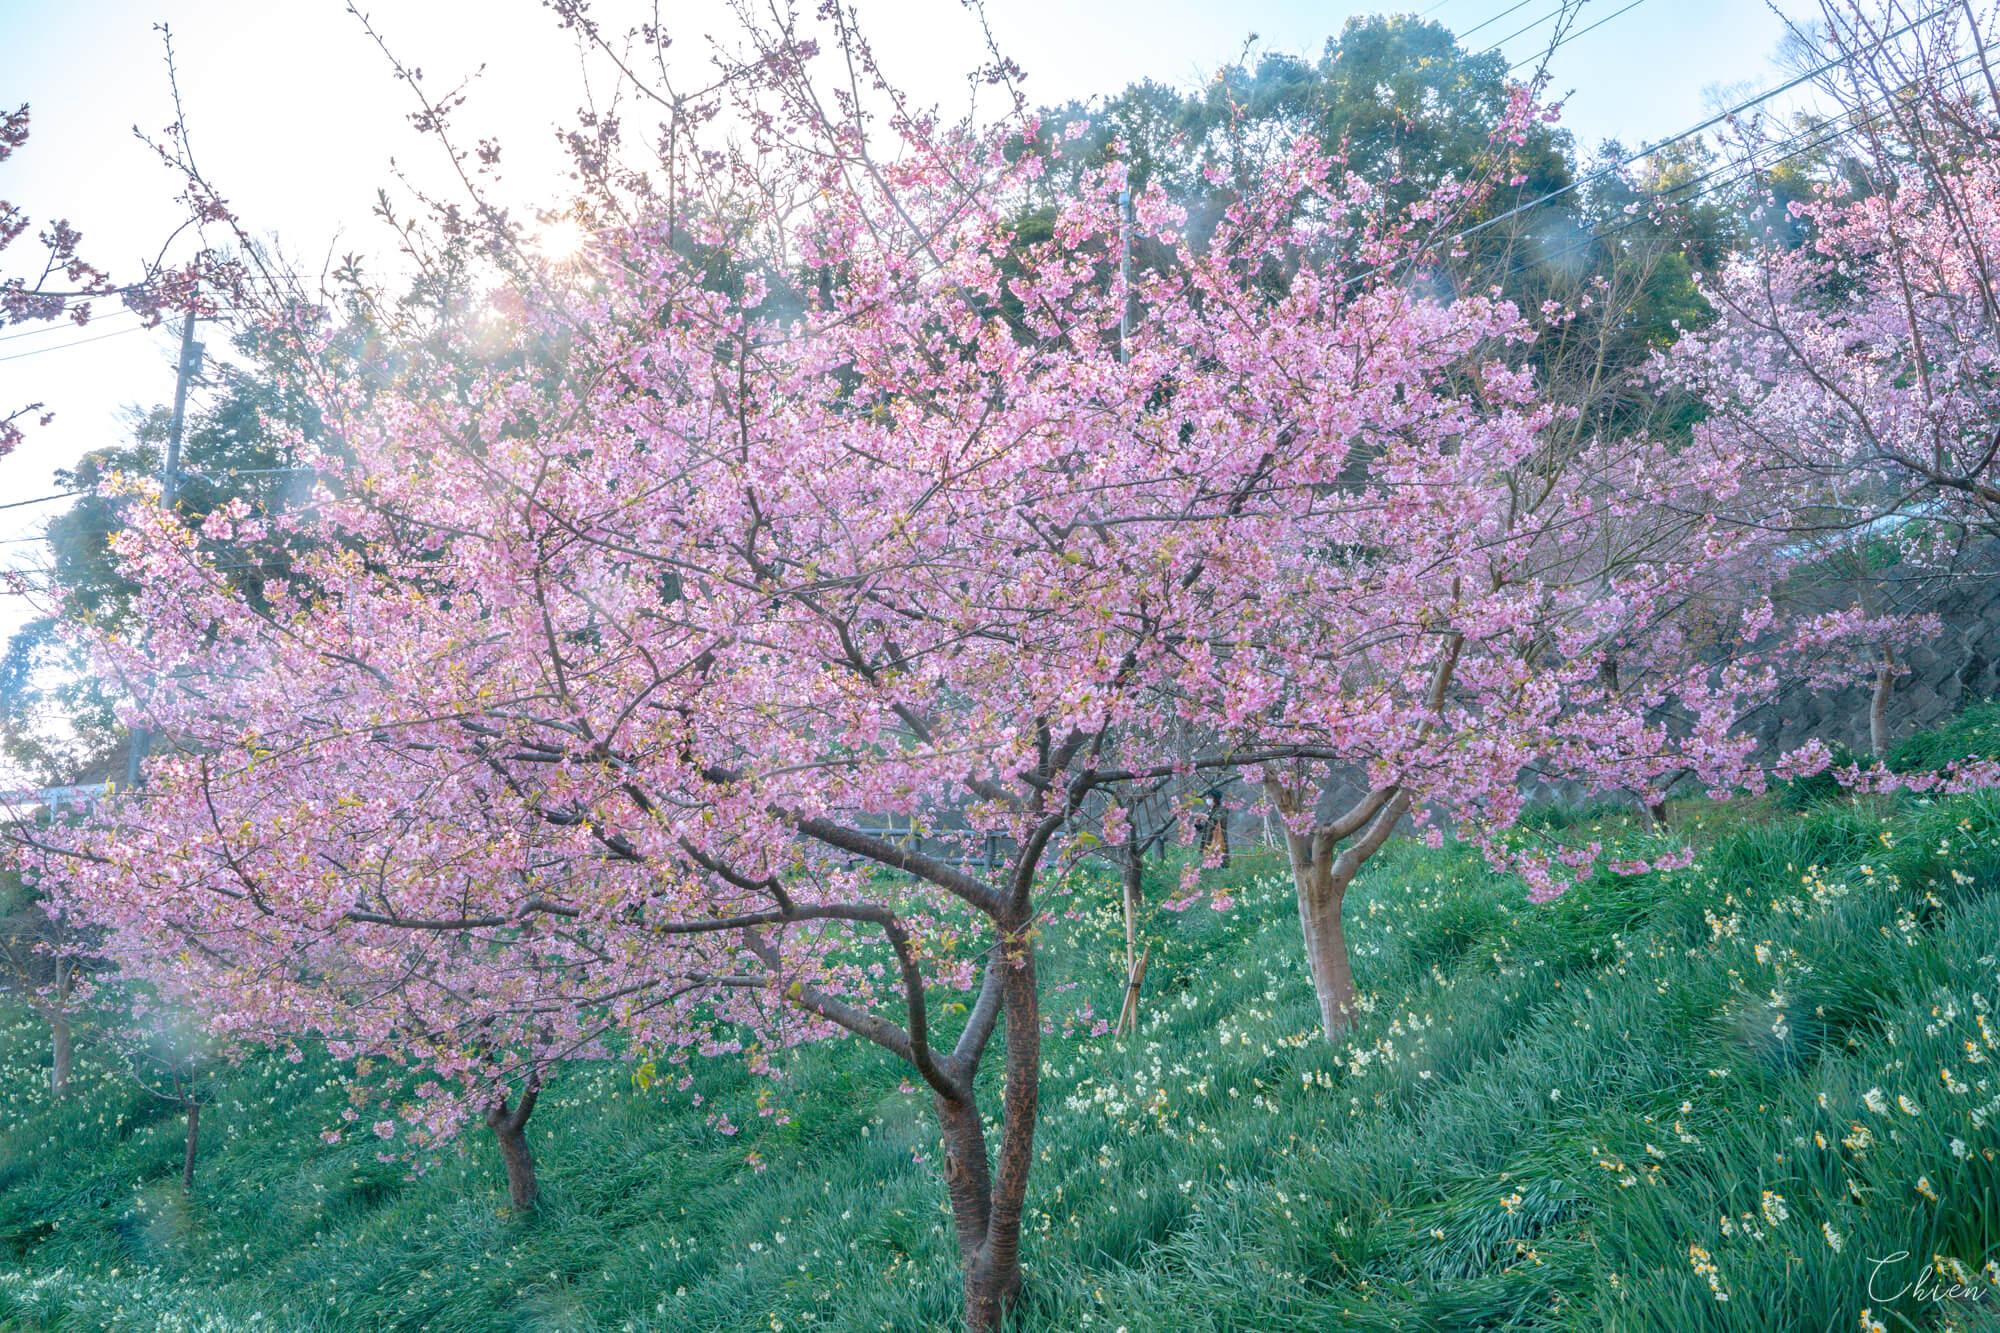 千葉南部春季賞花景點 鋸南佐久間川